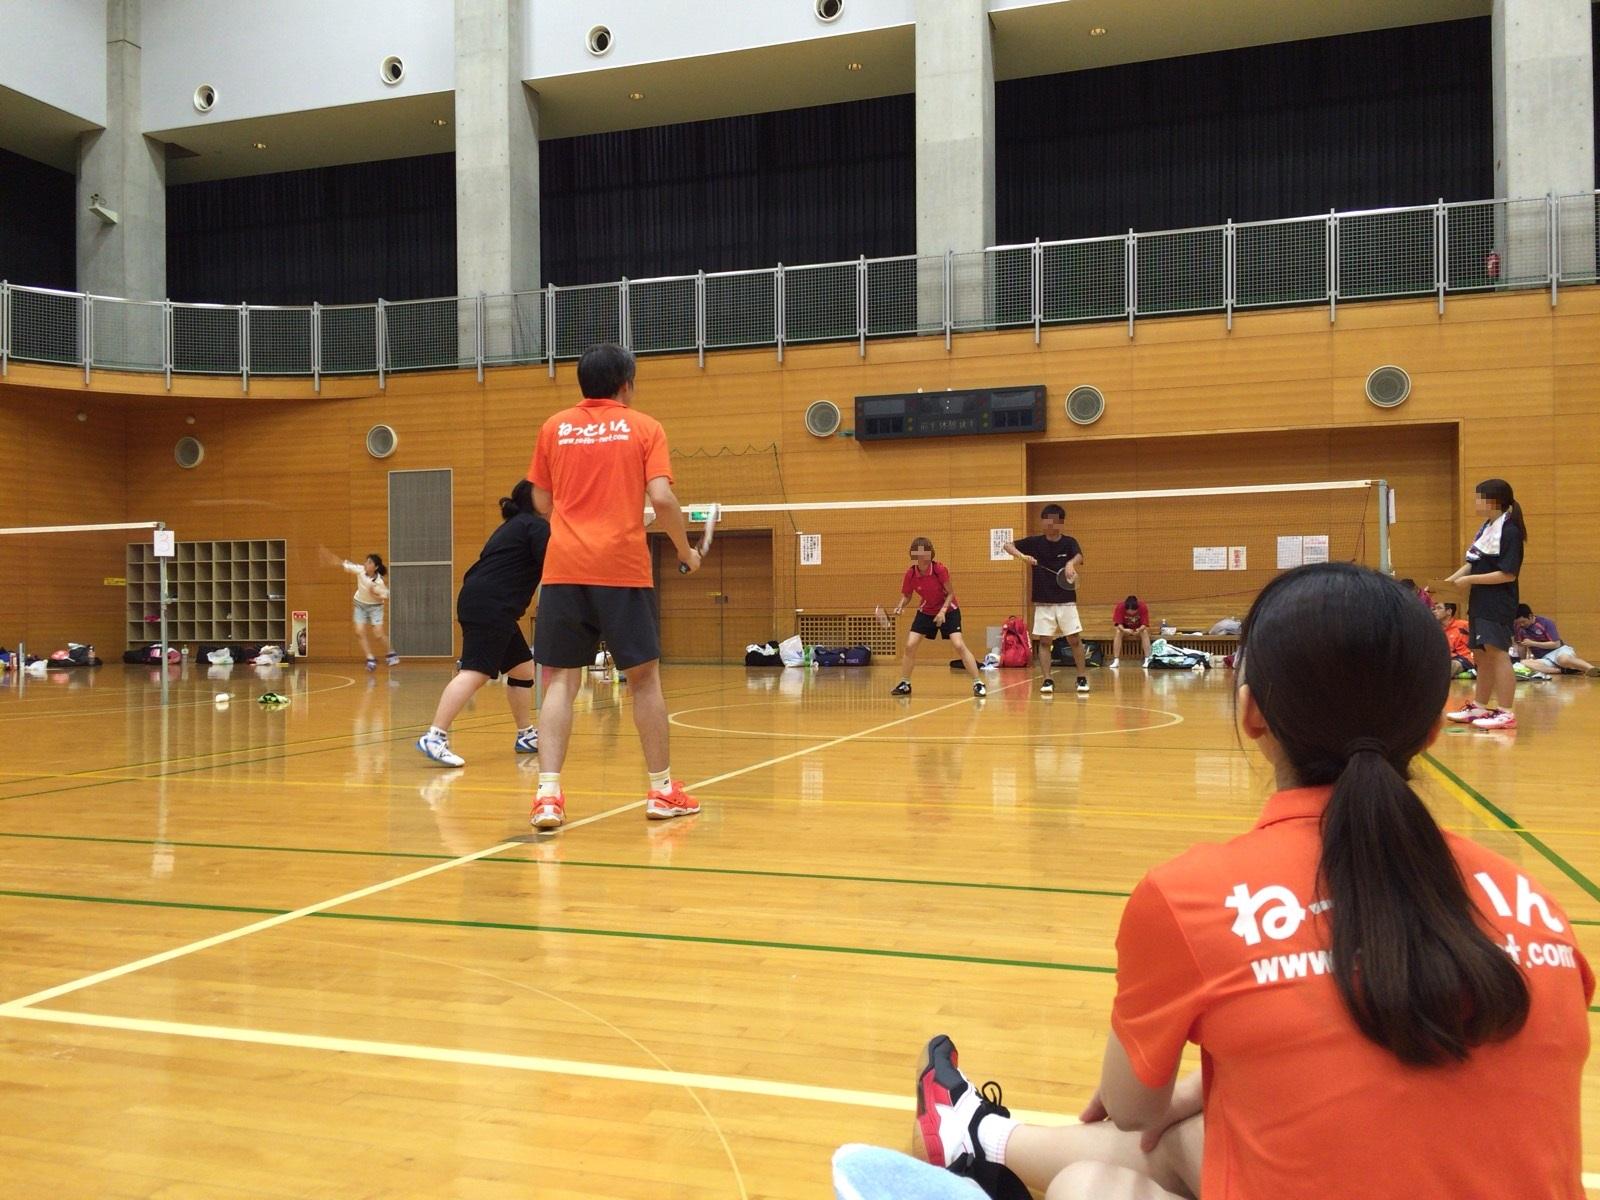 川崎で開催された第1回オープンミックス個人戦大会に参戦してきました。